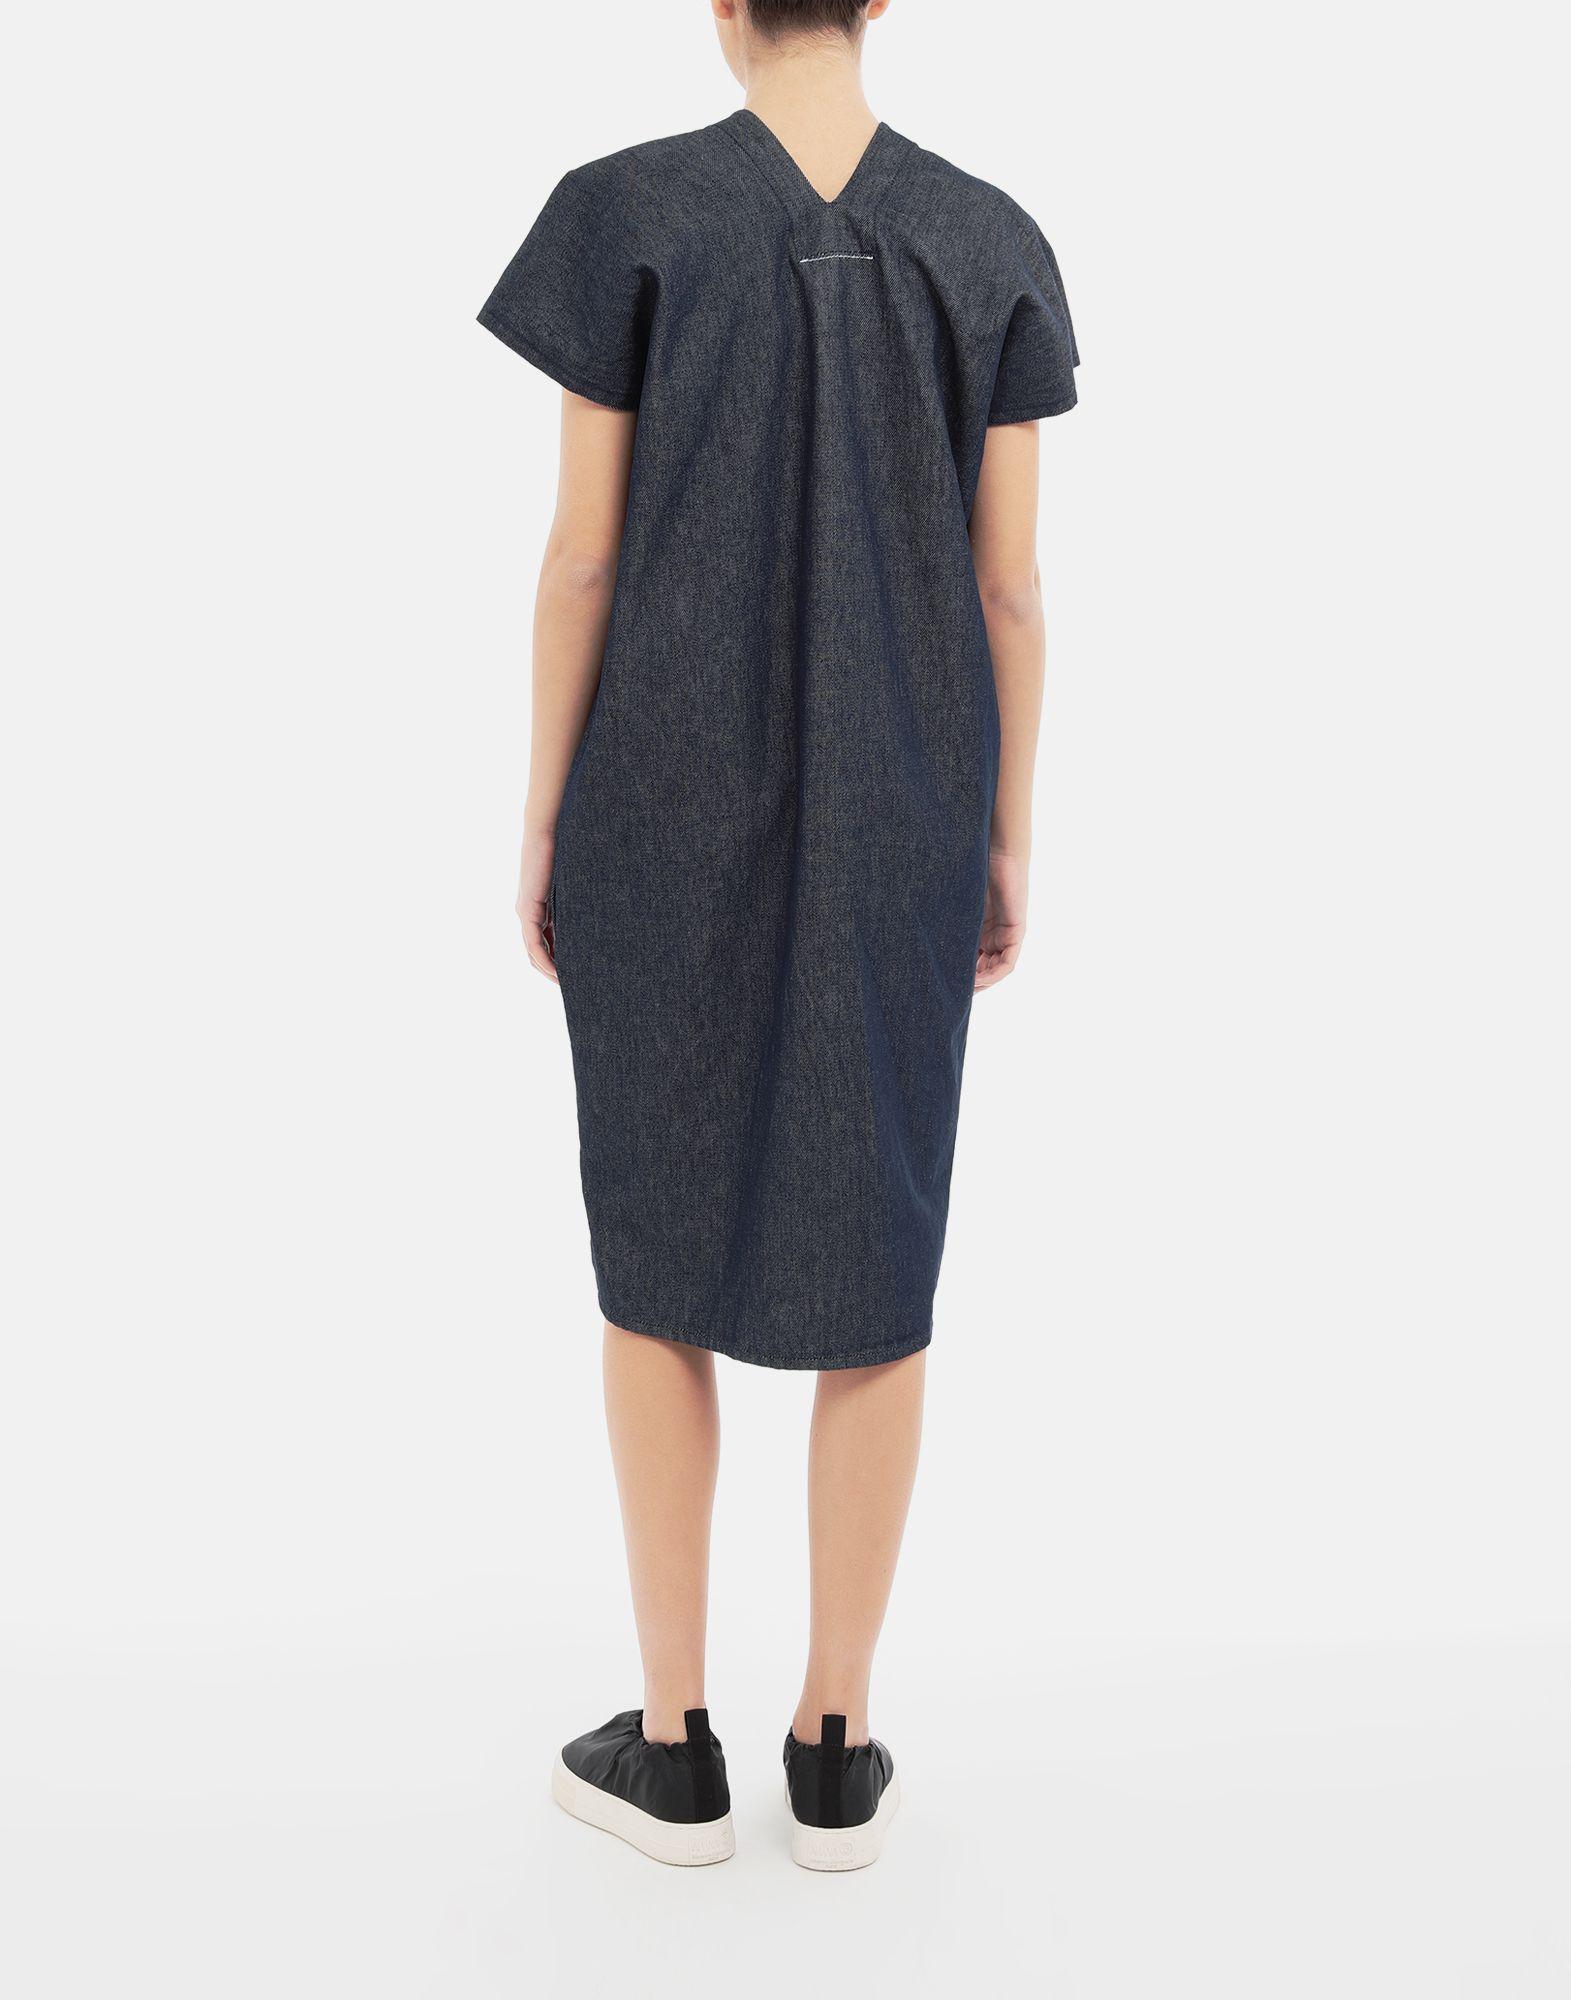 MM6 MAISON MARGIELA Denim dress Short dress Woman e